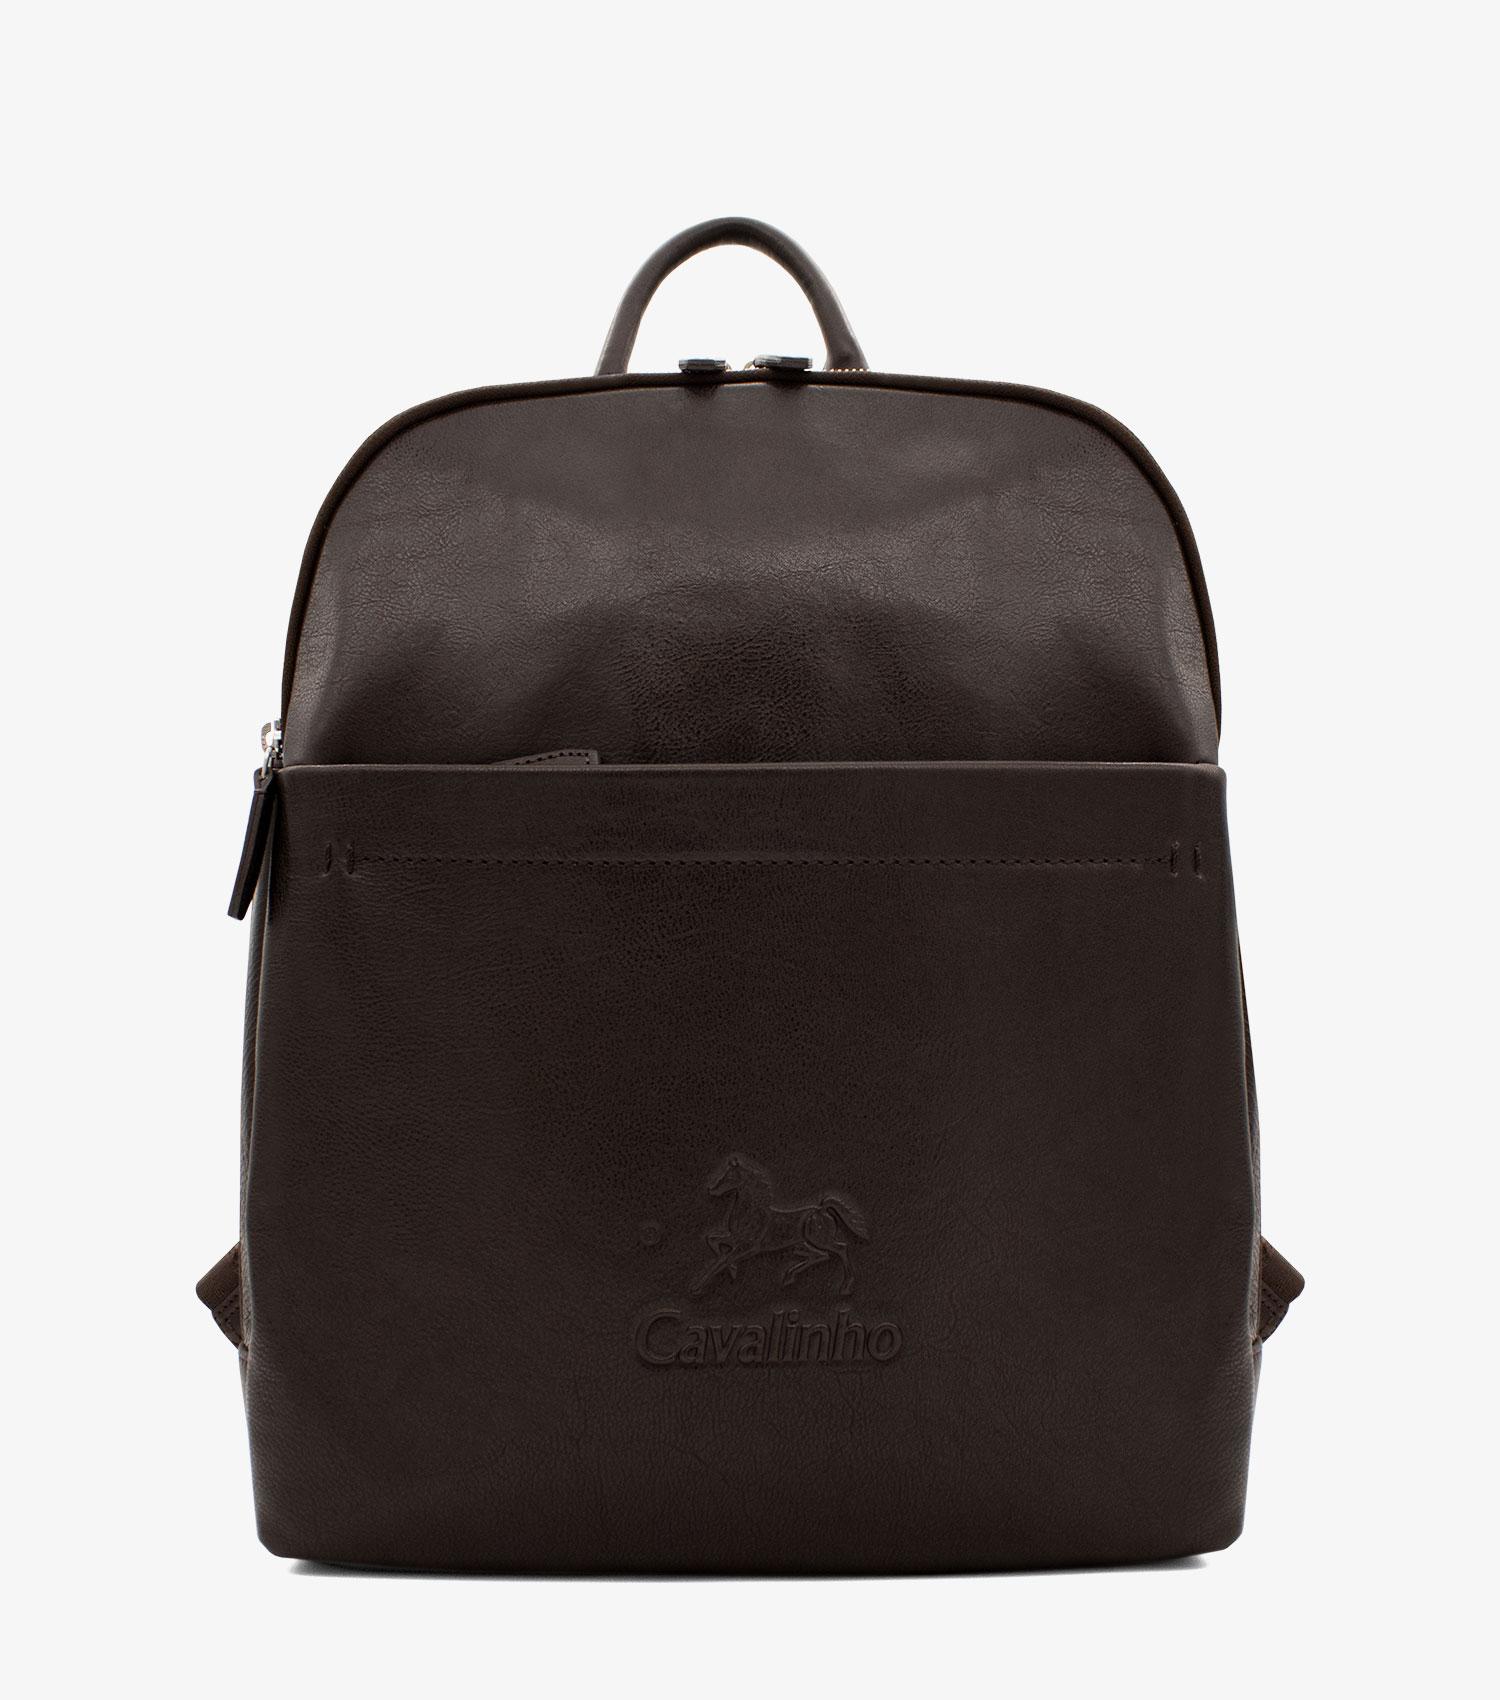 Gentleman Backpack